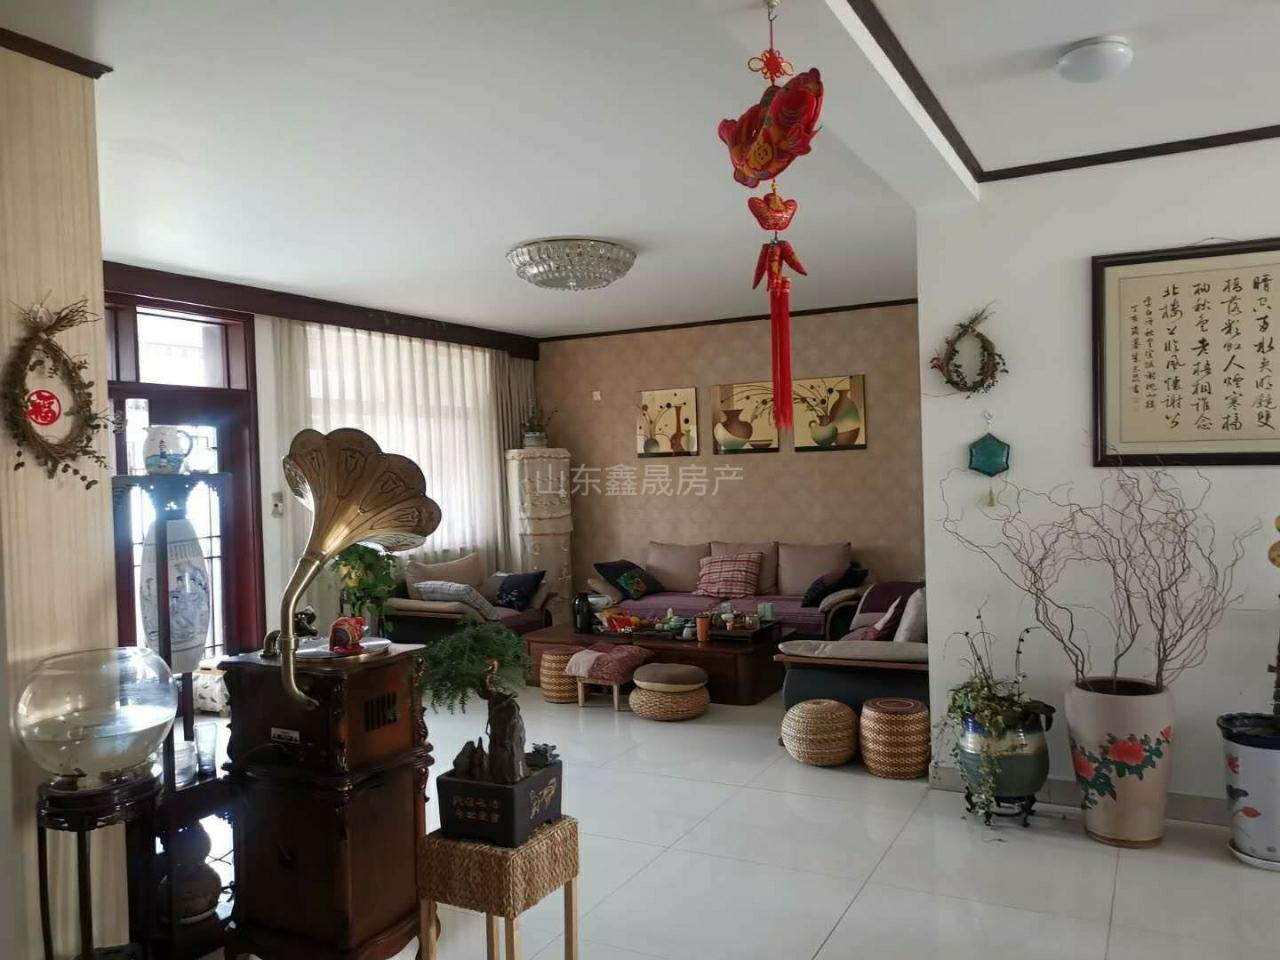 京博雅苑3室2廳2衛150萬元